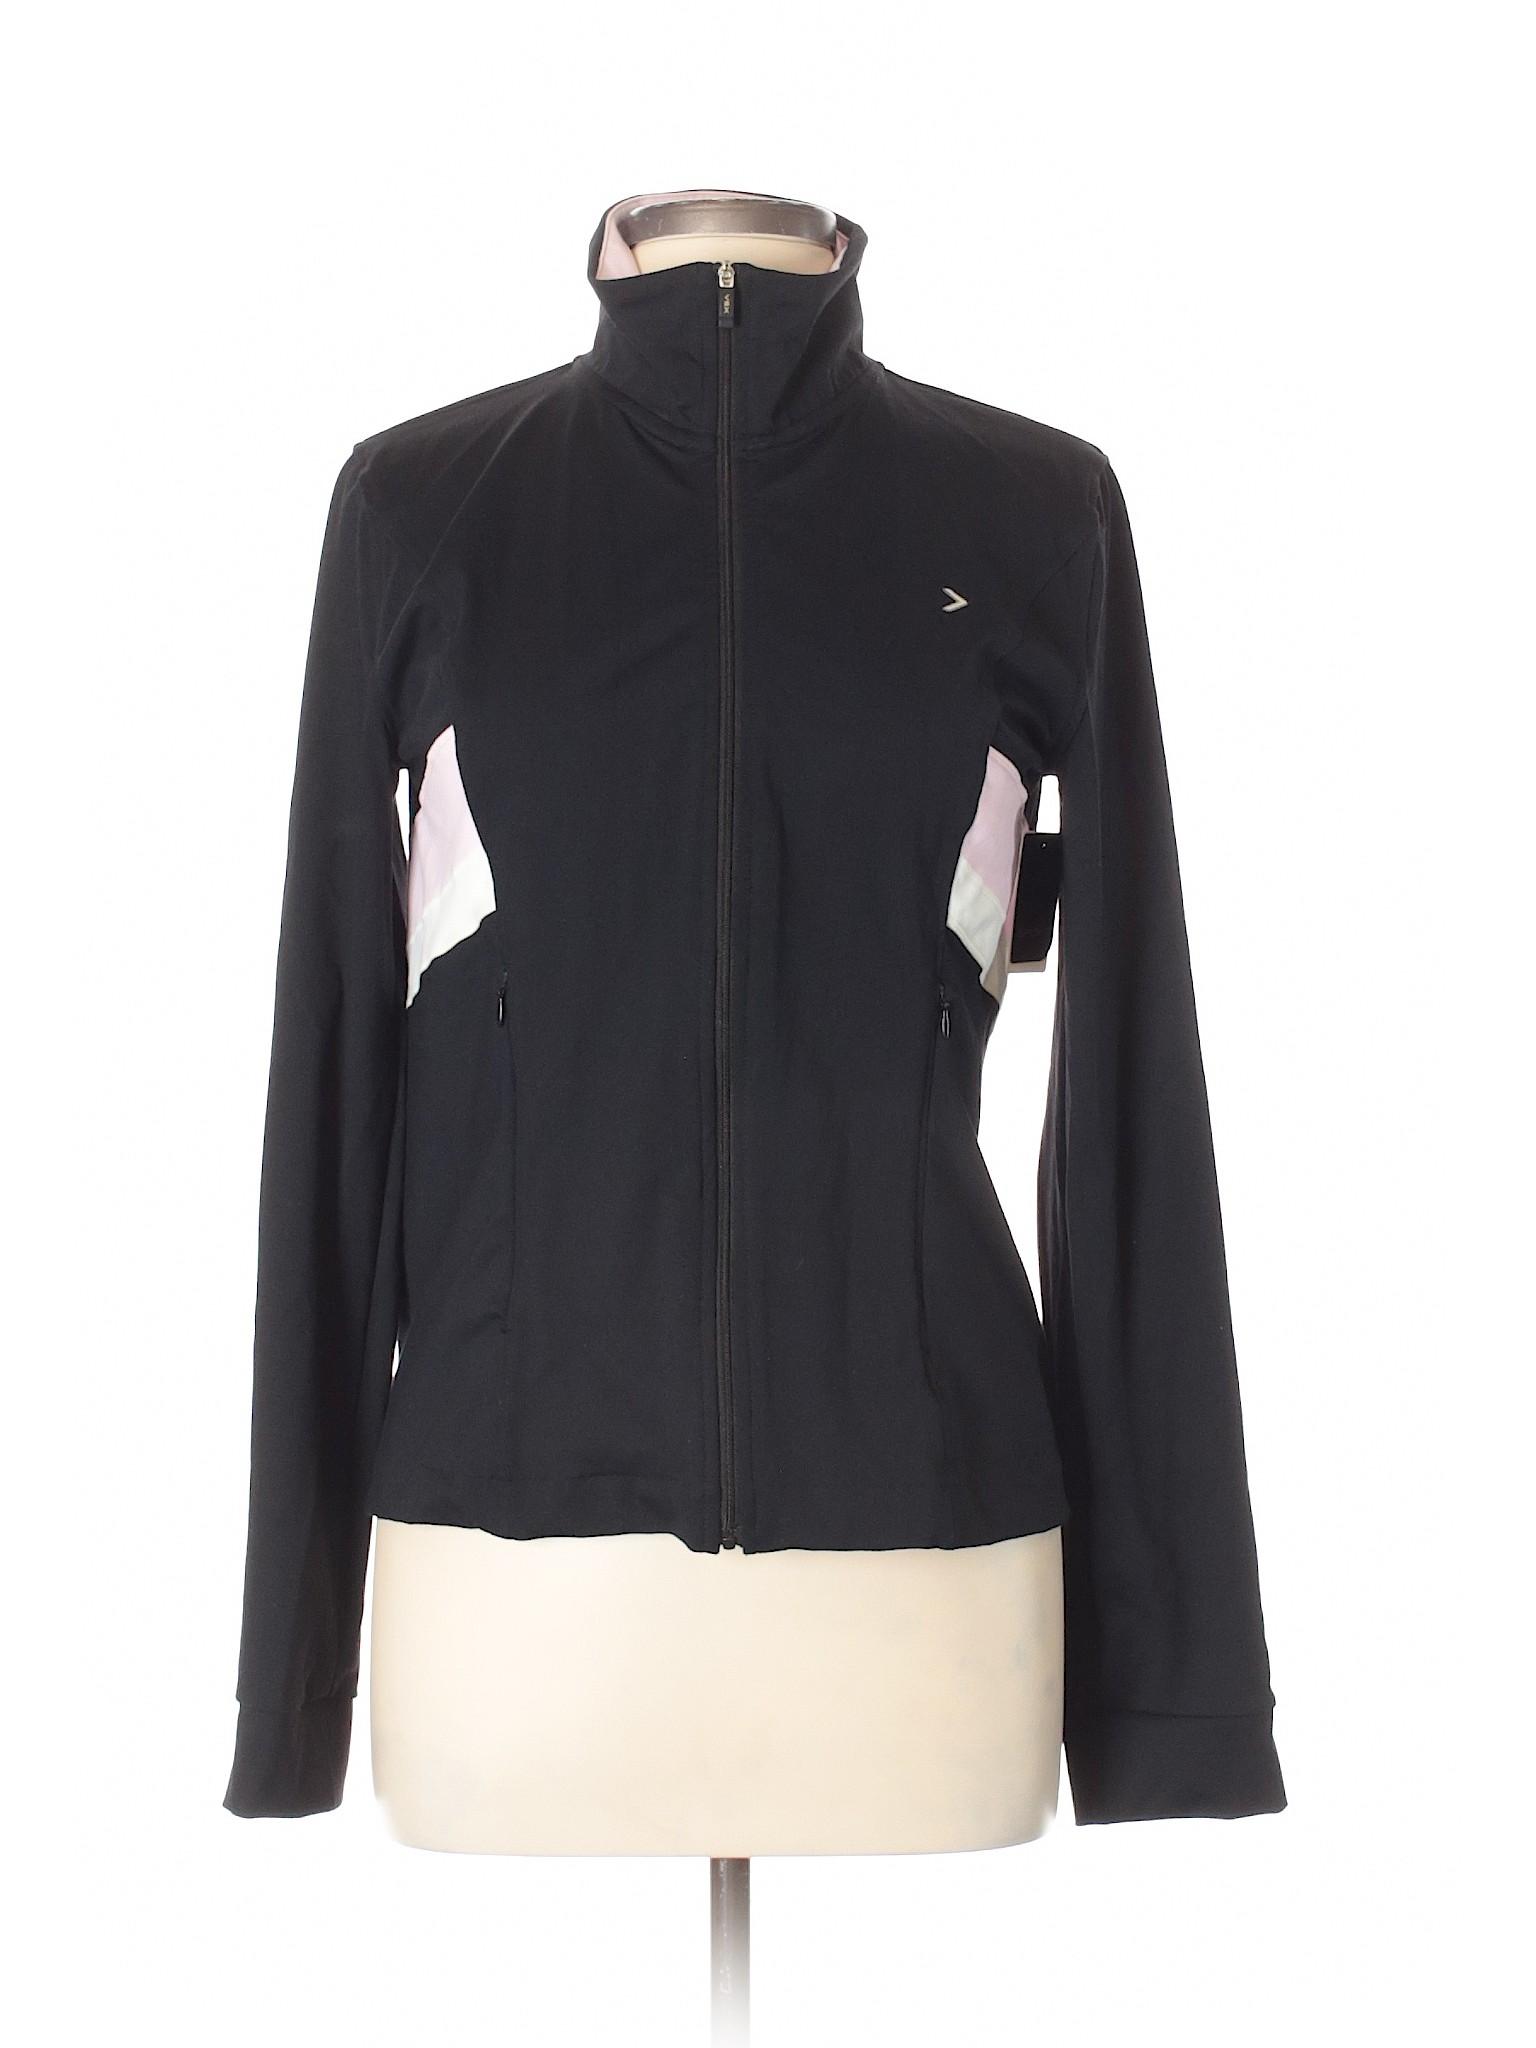 Boutique Sport Jacket Track VSX leisure qSOwTSFH